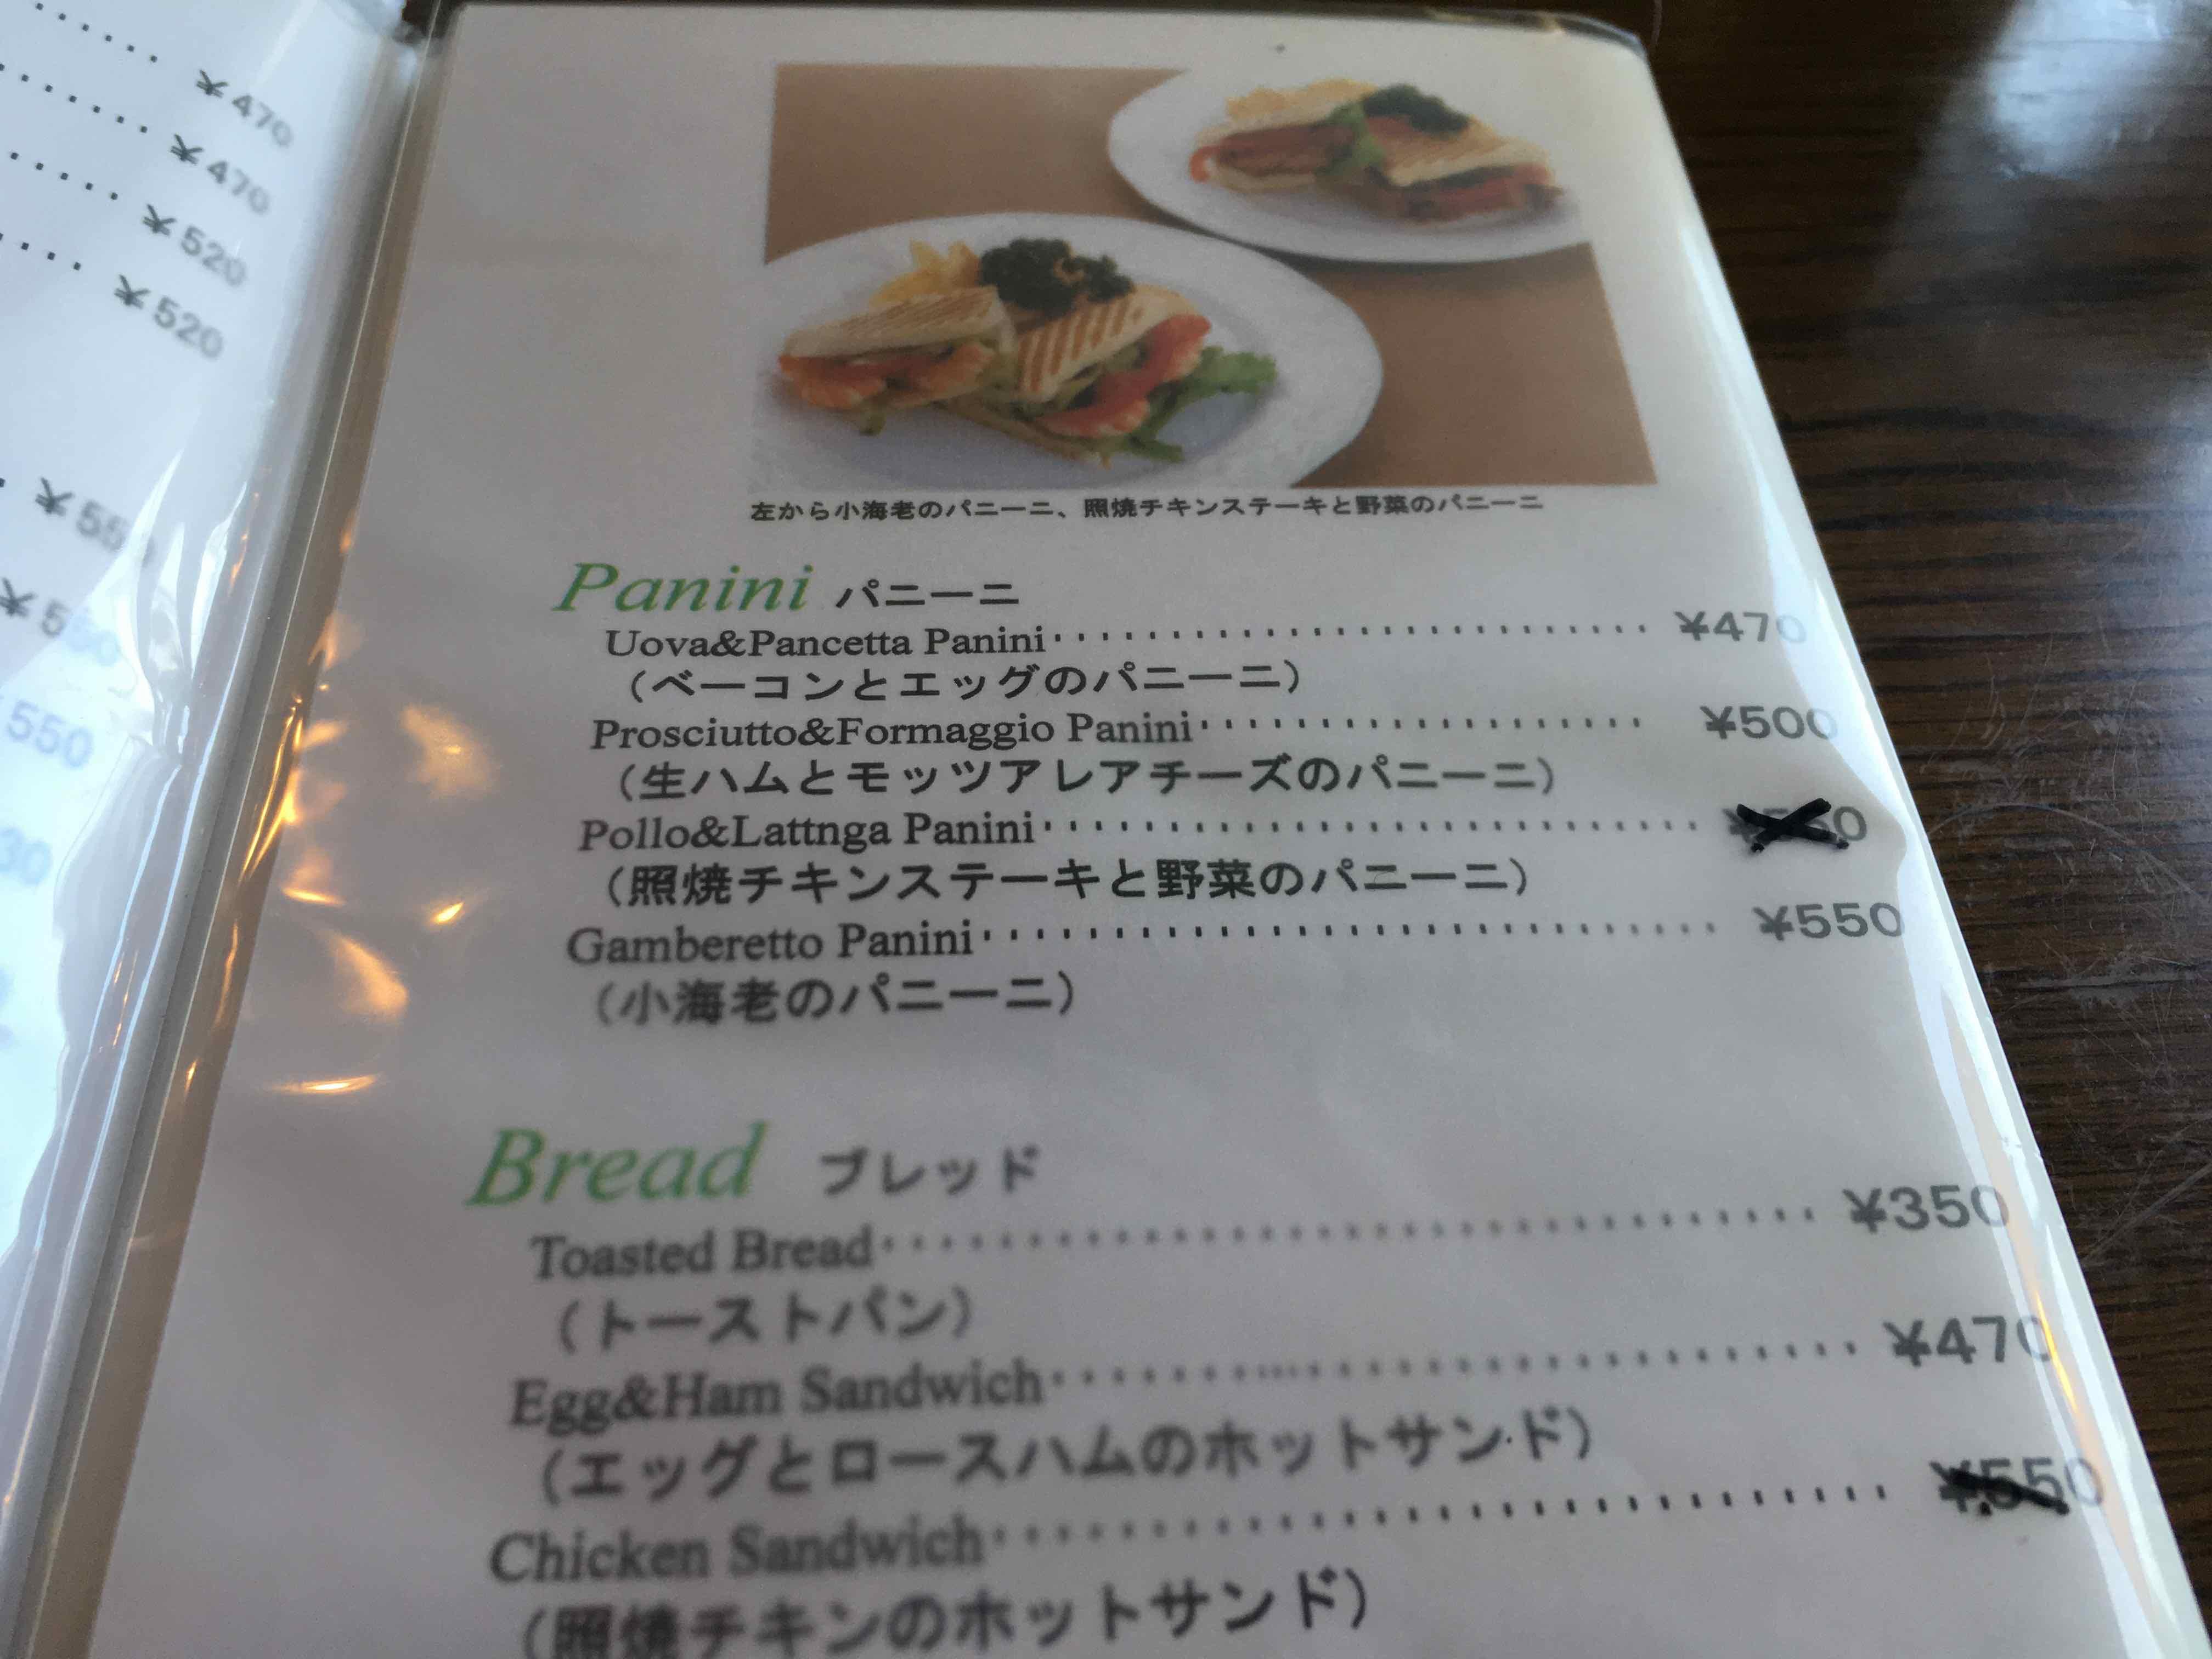 みとん今治,プチトラン,上徳,コーヒー,カフェ,モーニング,老舗,純喫茶